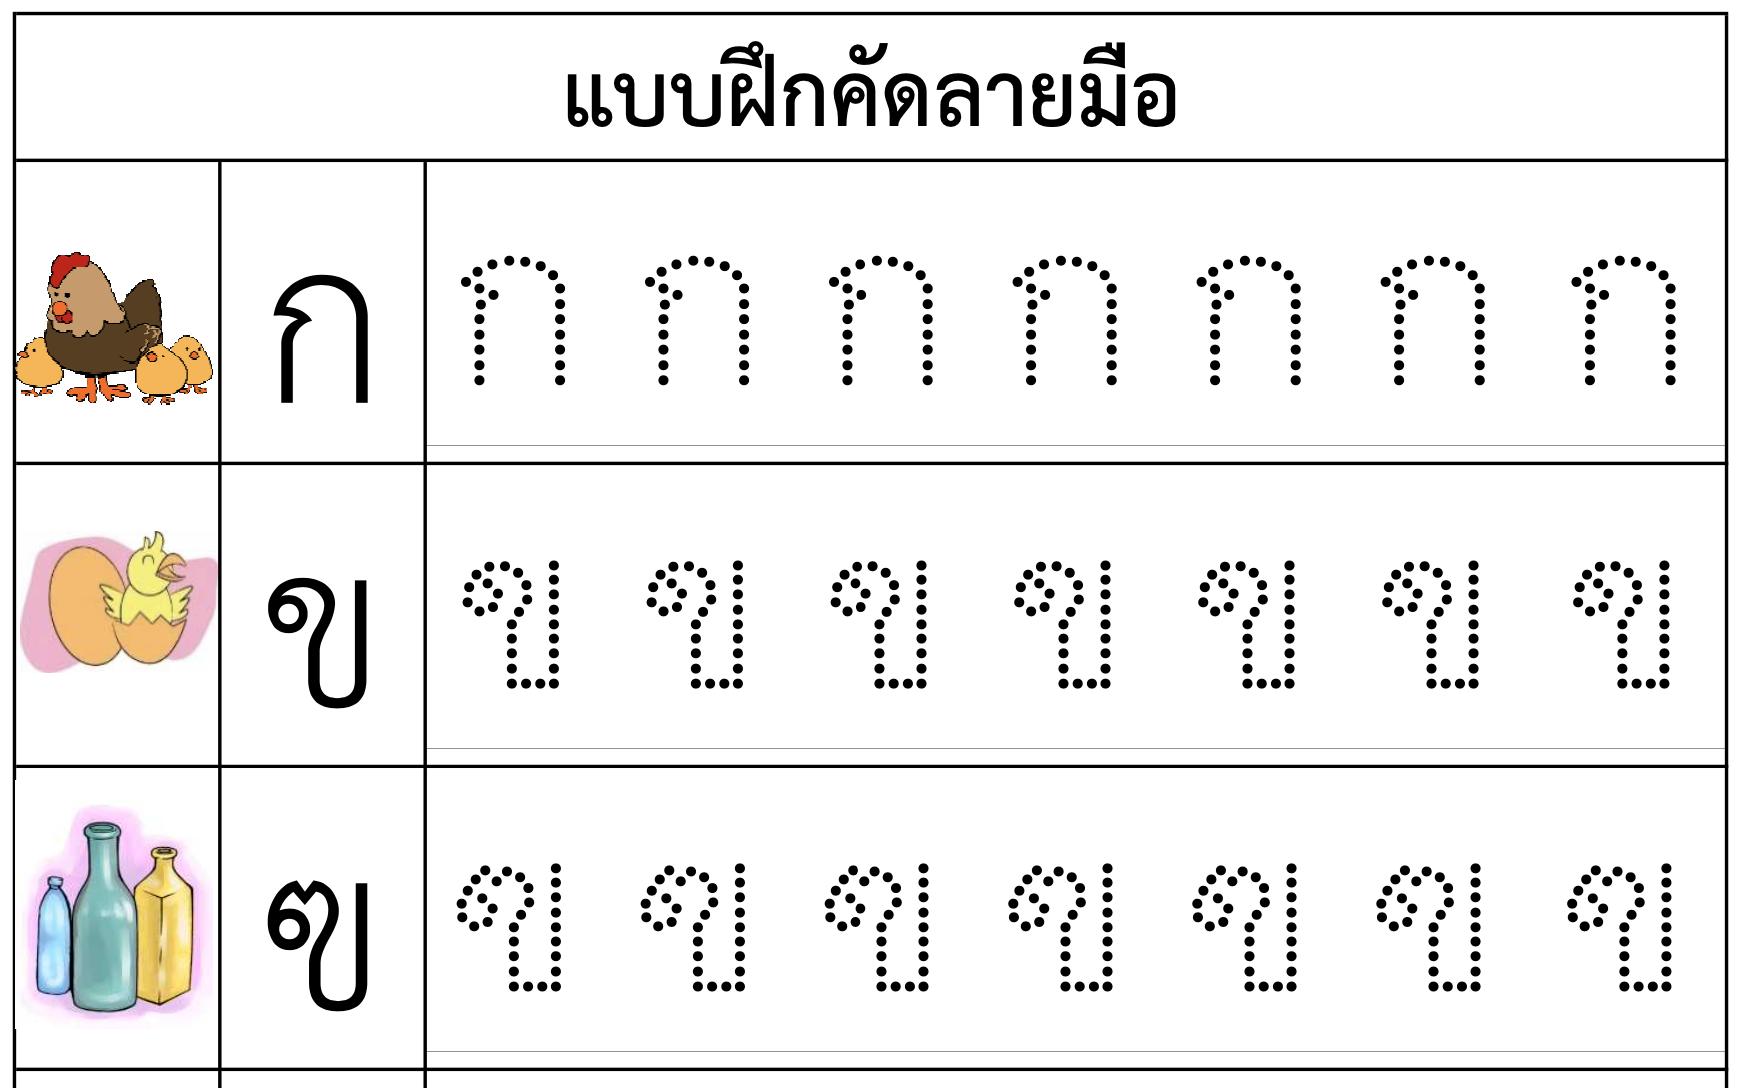 แบบฝึกคัดลายมือ ก-ฮ, คัดลายมือ A-Z, ฝึกคัดตัวเลข1-100, ฝึกคัดวันจันทร์-อาทิตย์, ฝึกคัดคำศัพท์